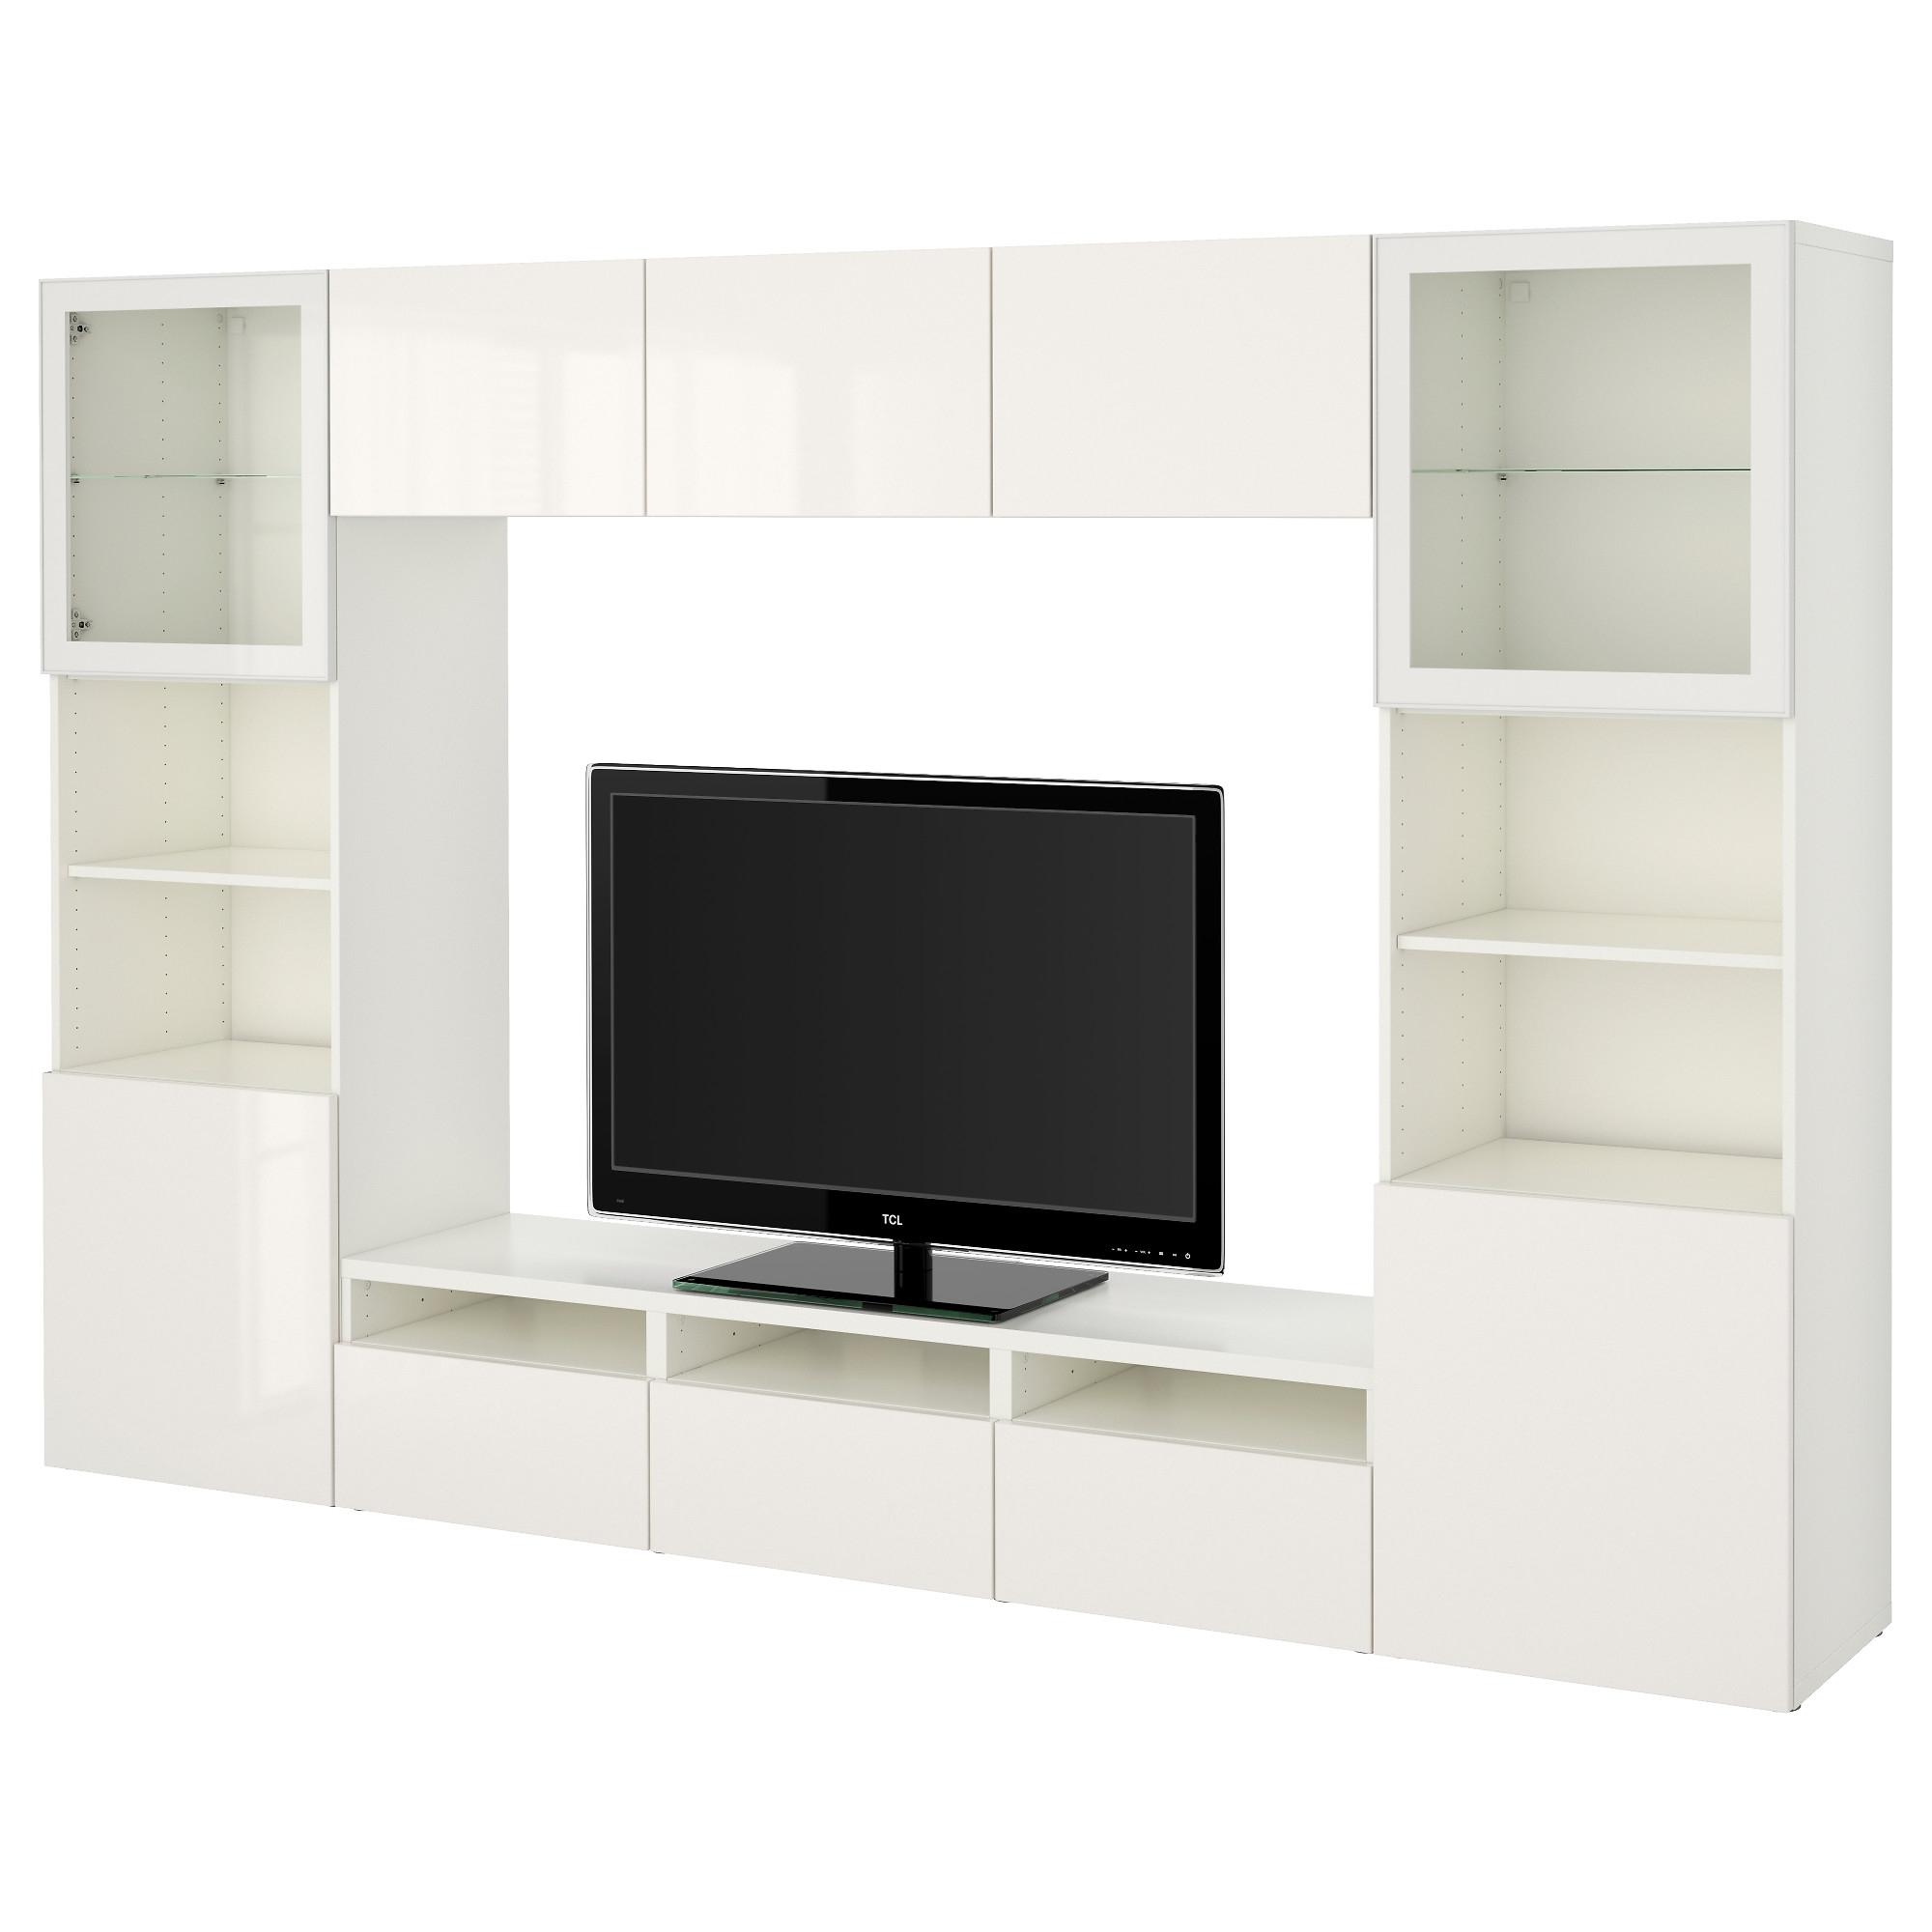 Best Mueble Tv Con Almacenaje # Muebles Tirador Santander